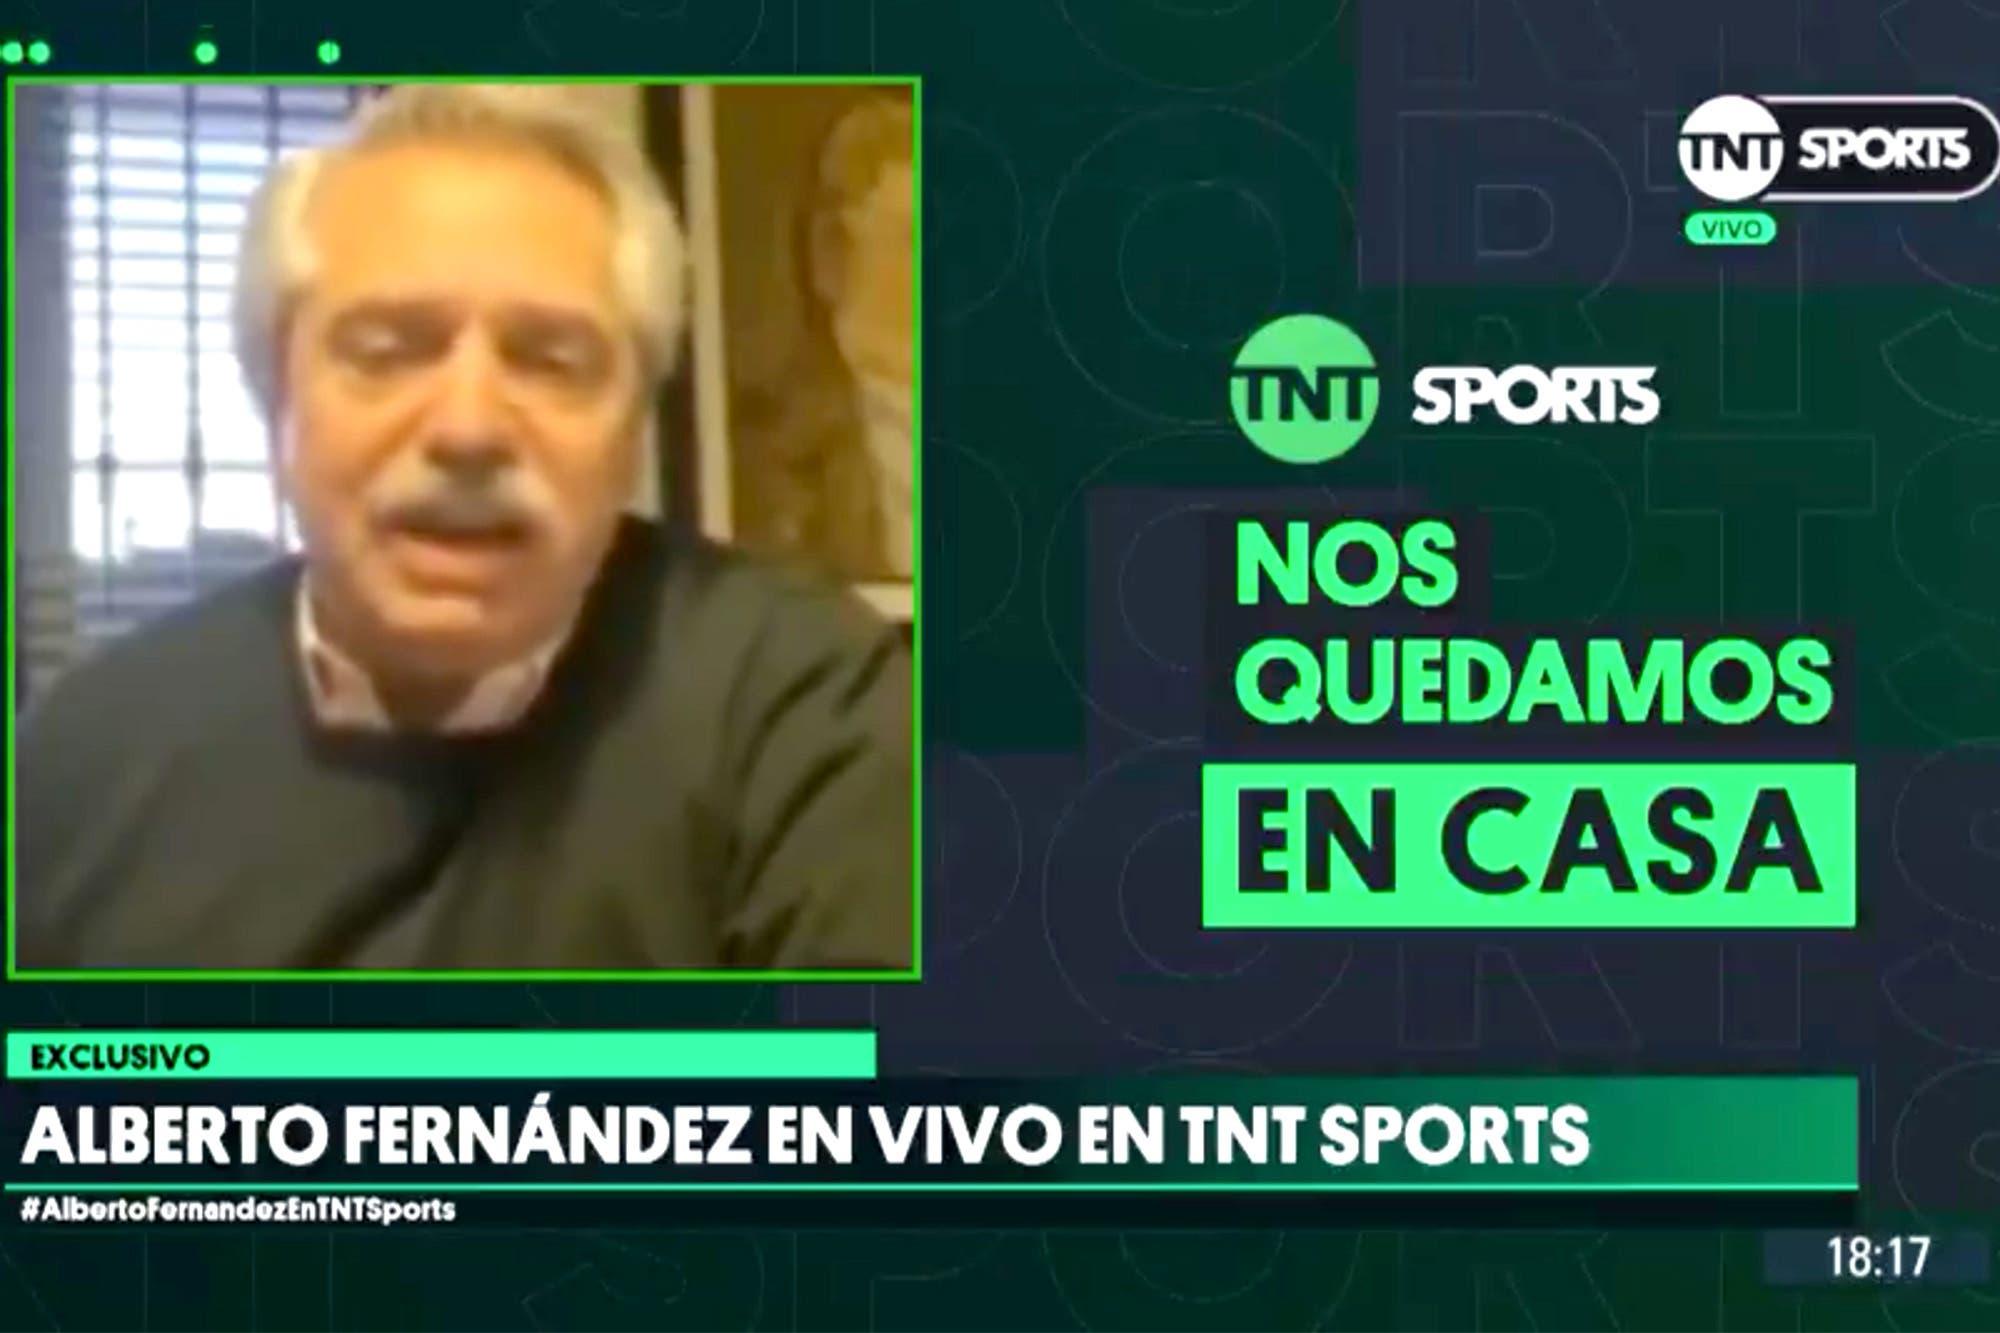 Coronavirus. Alberto Fernández hizo público su deseo de que pronto vuelva el fútbol